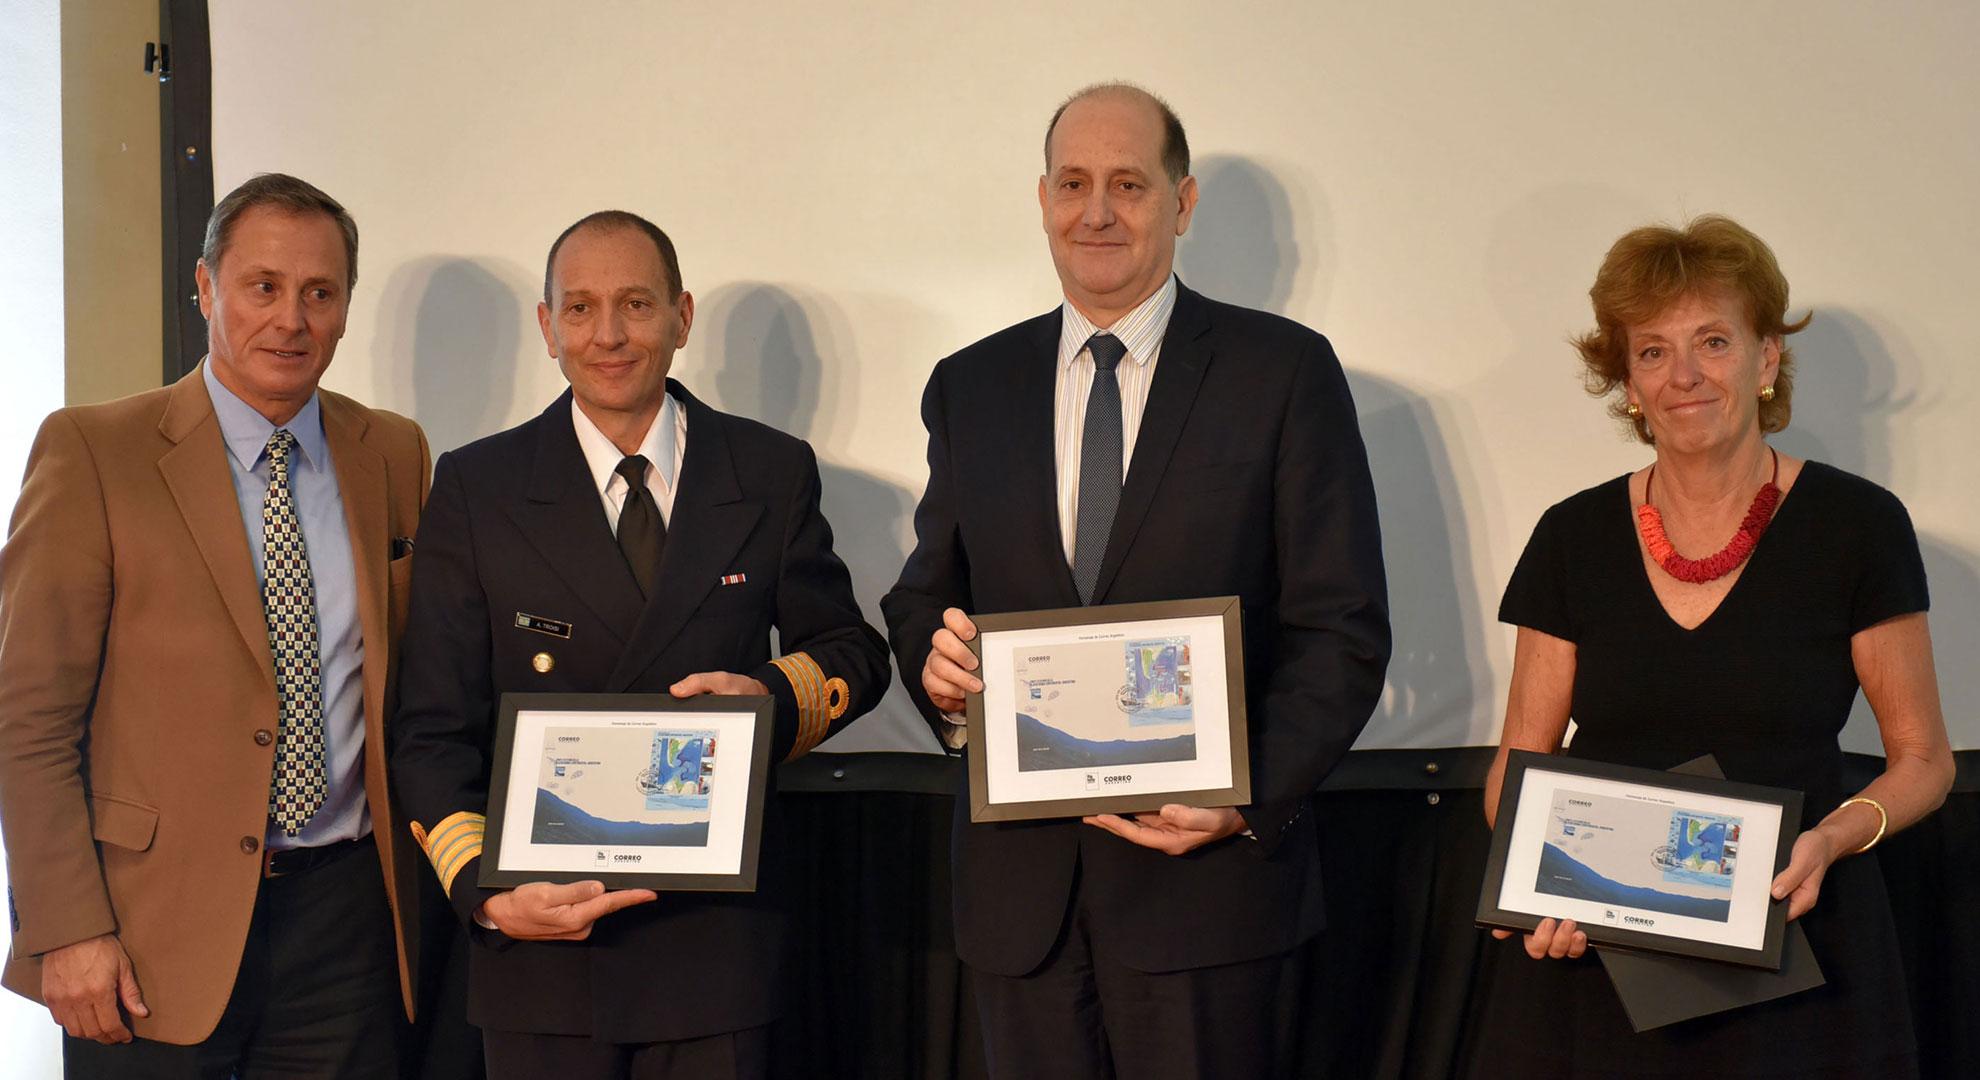 El Capitán de Navío Ariel Troisi recibe el reconocimiento en representación del SHN, integrante de COPLA